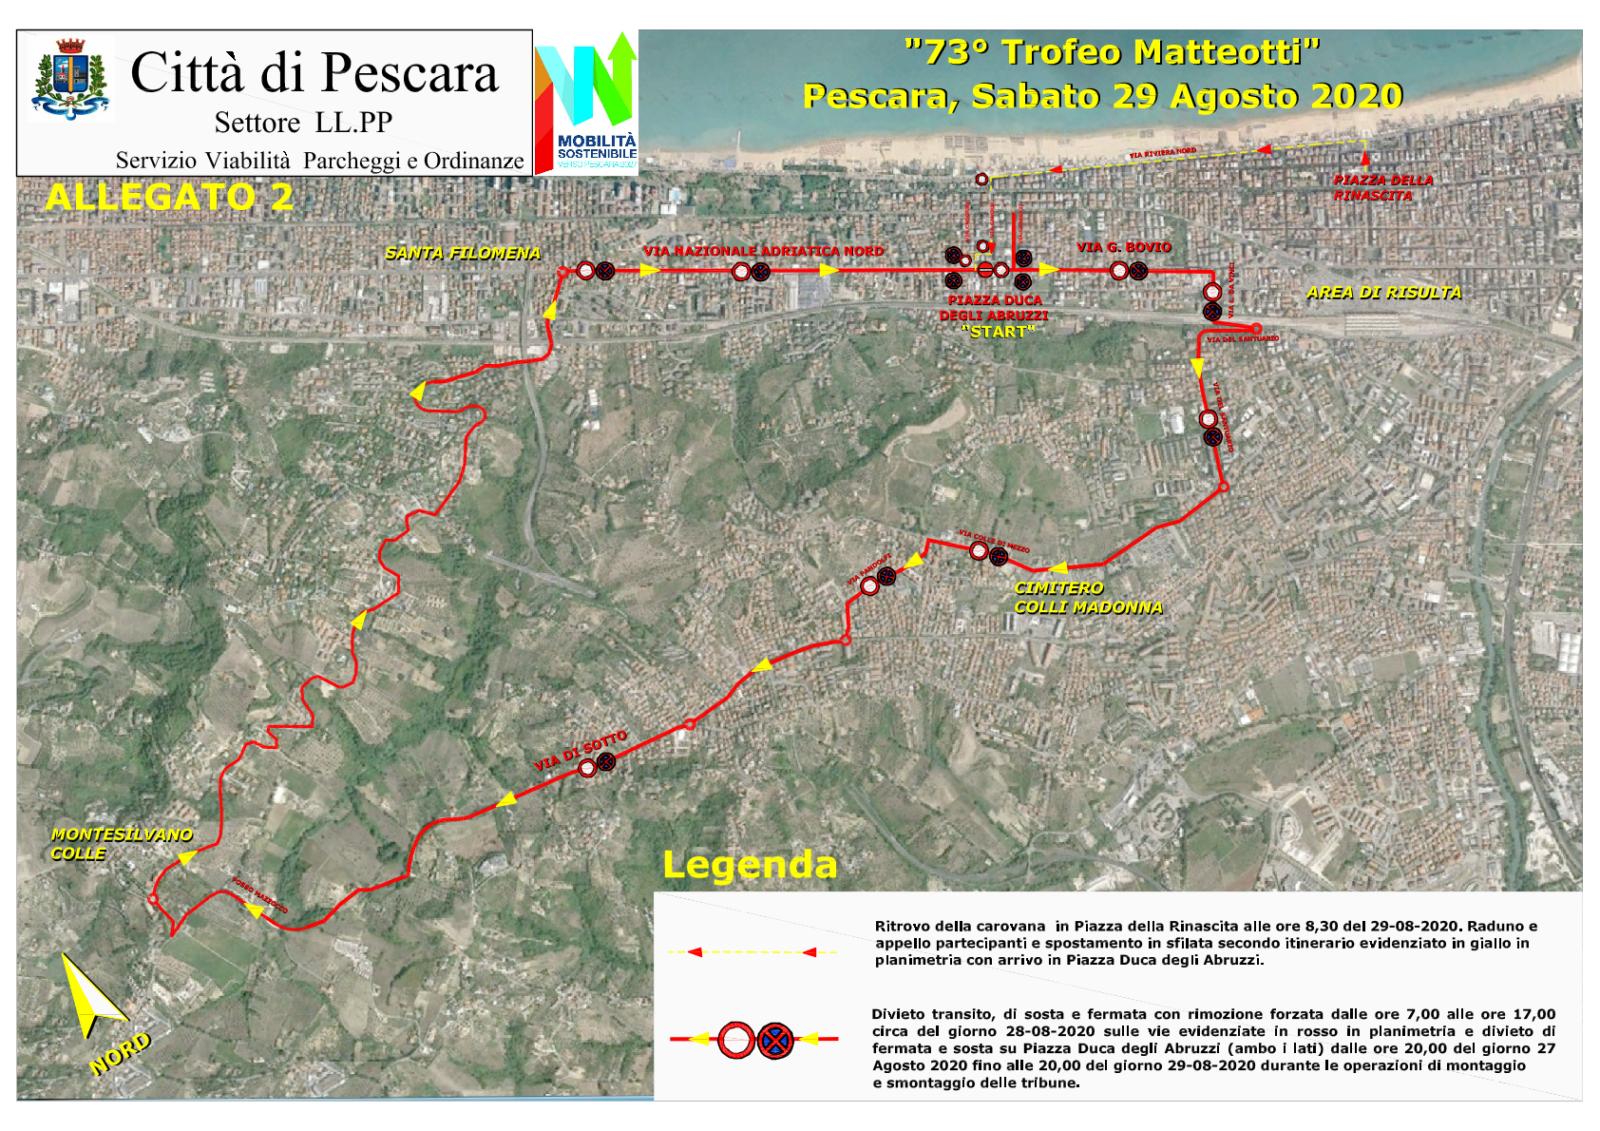 Mappa Viabilità trofeo Matteotti 2020